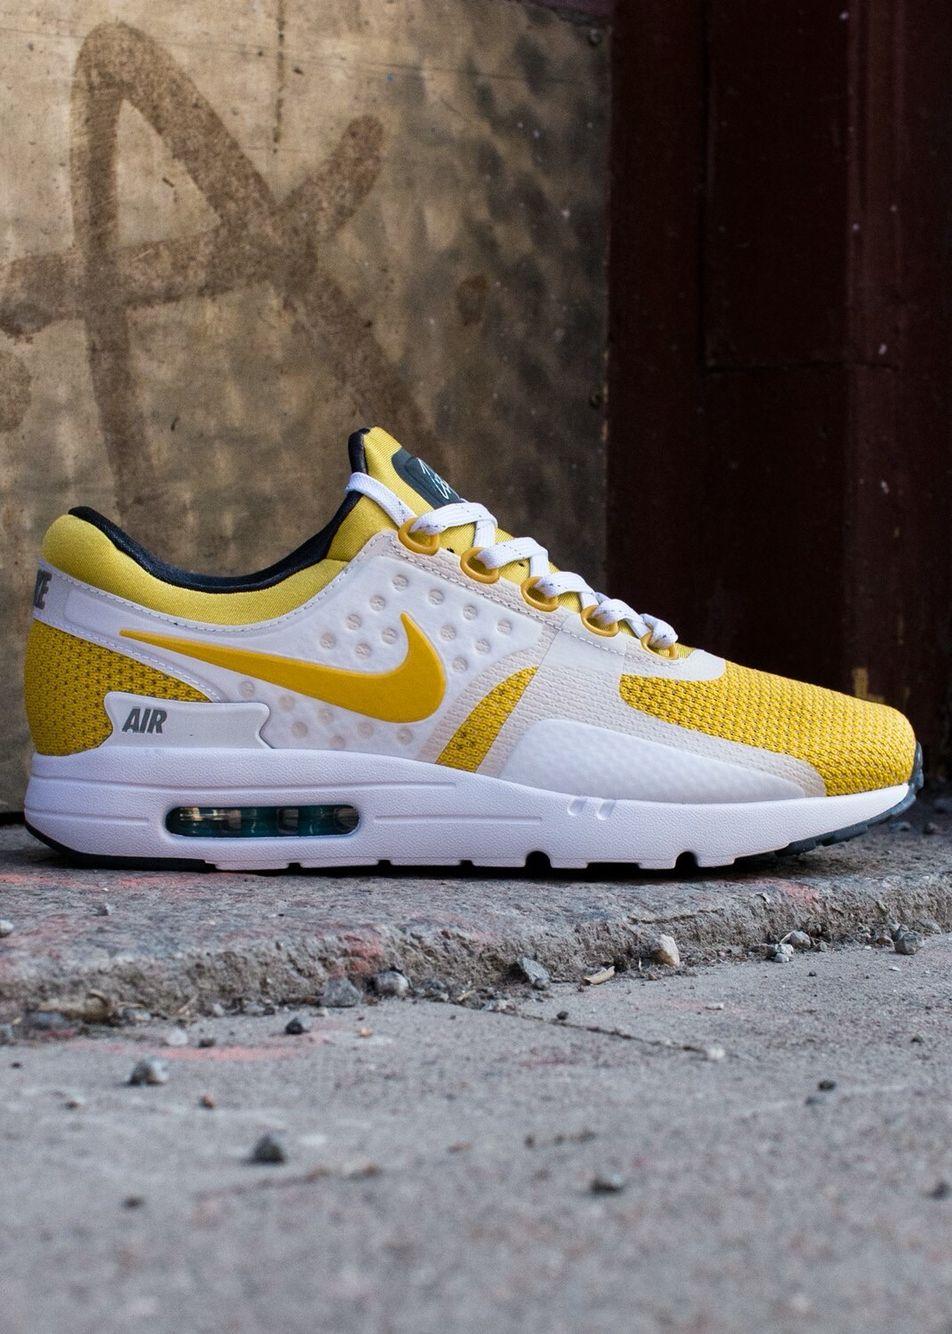 new style fffe7 ee093 Nike Air Max Zero  Vivid Sulphur Zapatillas, Ropa, Calzado Hombre, Calzas,